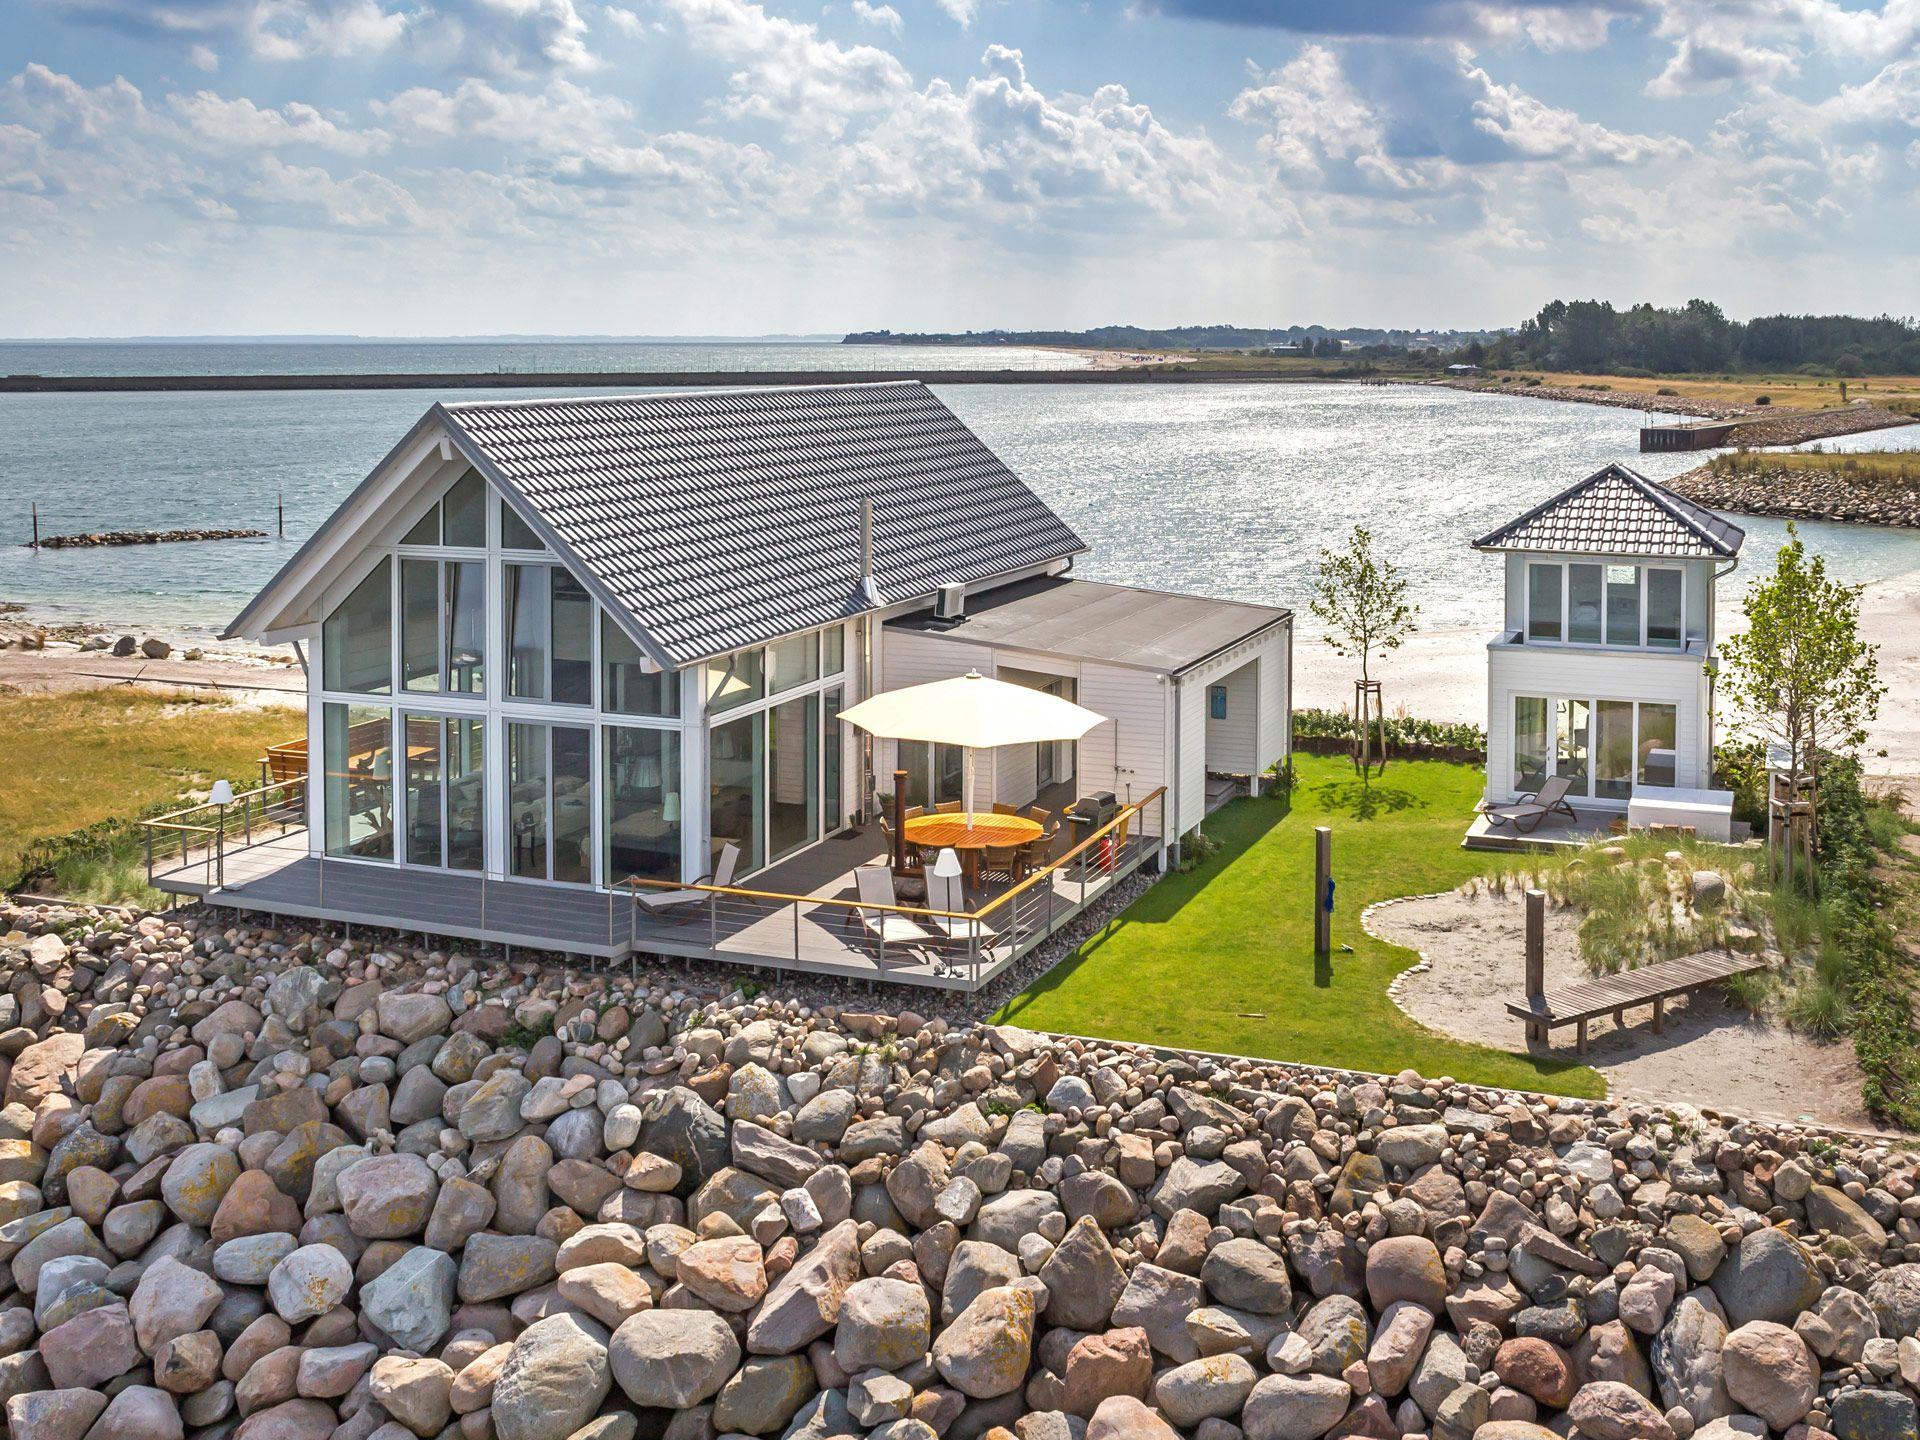 ^ Baufritz - Landhaus Mommsen - Ferienhaus am Meer. Ob beim ssen ...